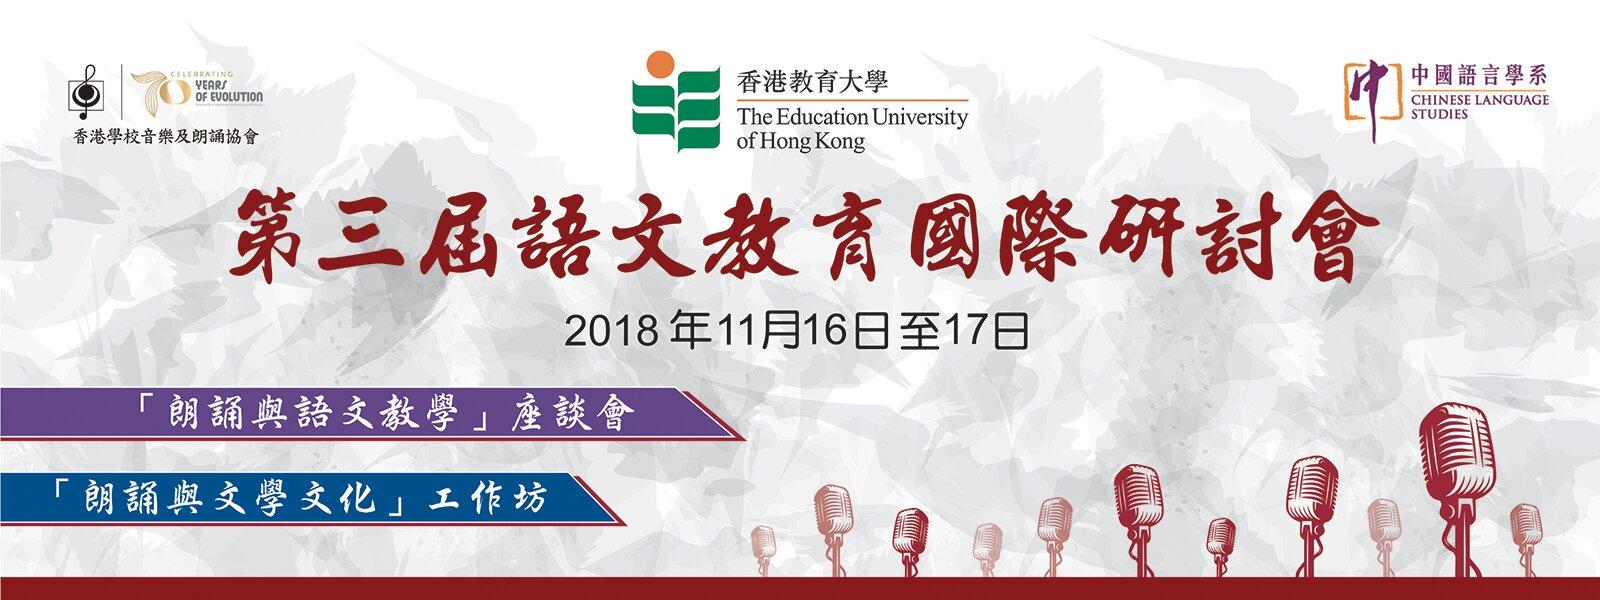 第三屆語文教育國際研討會